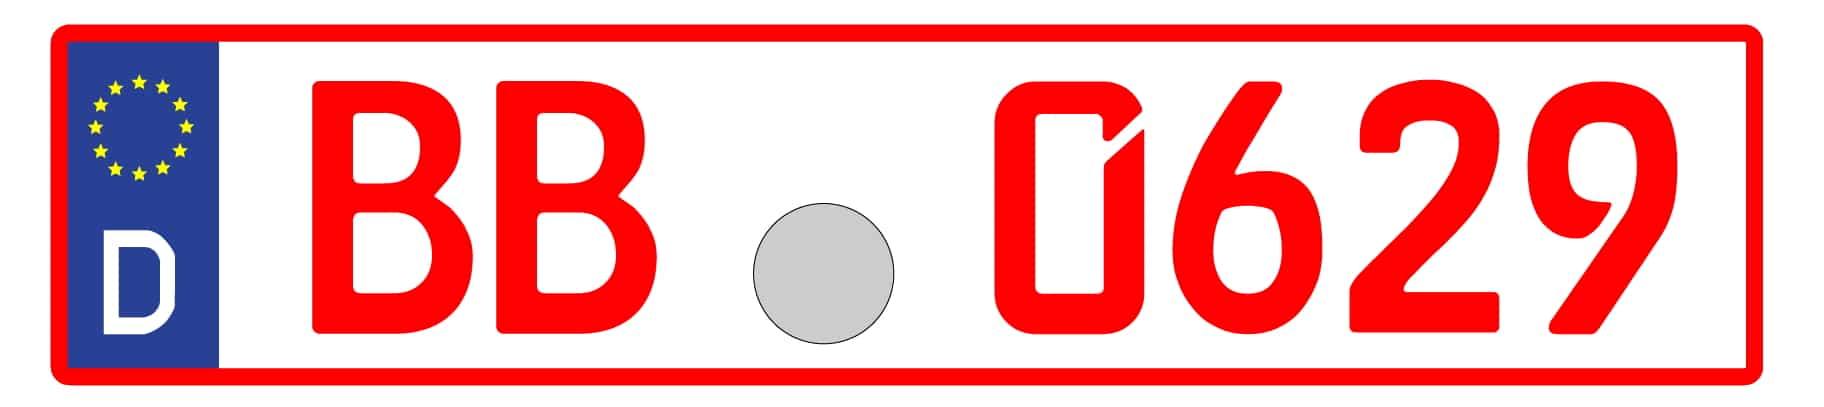 Rotes Kennzeichen